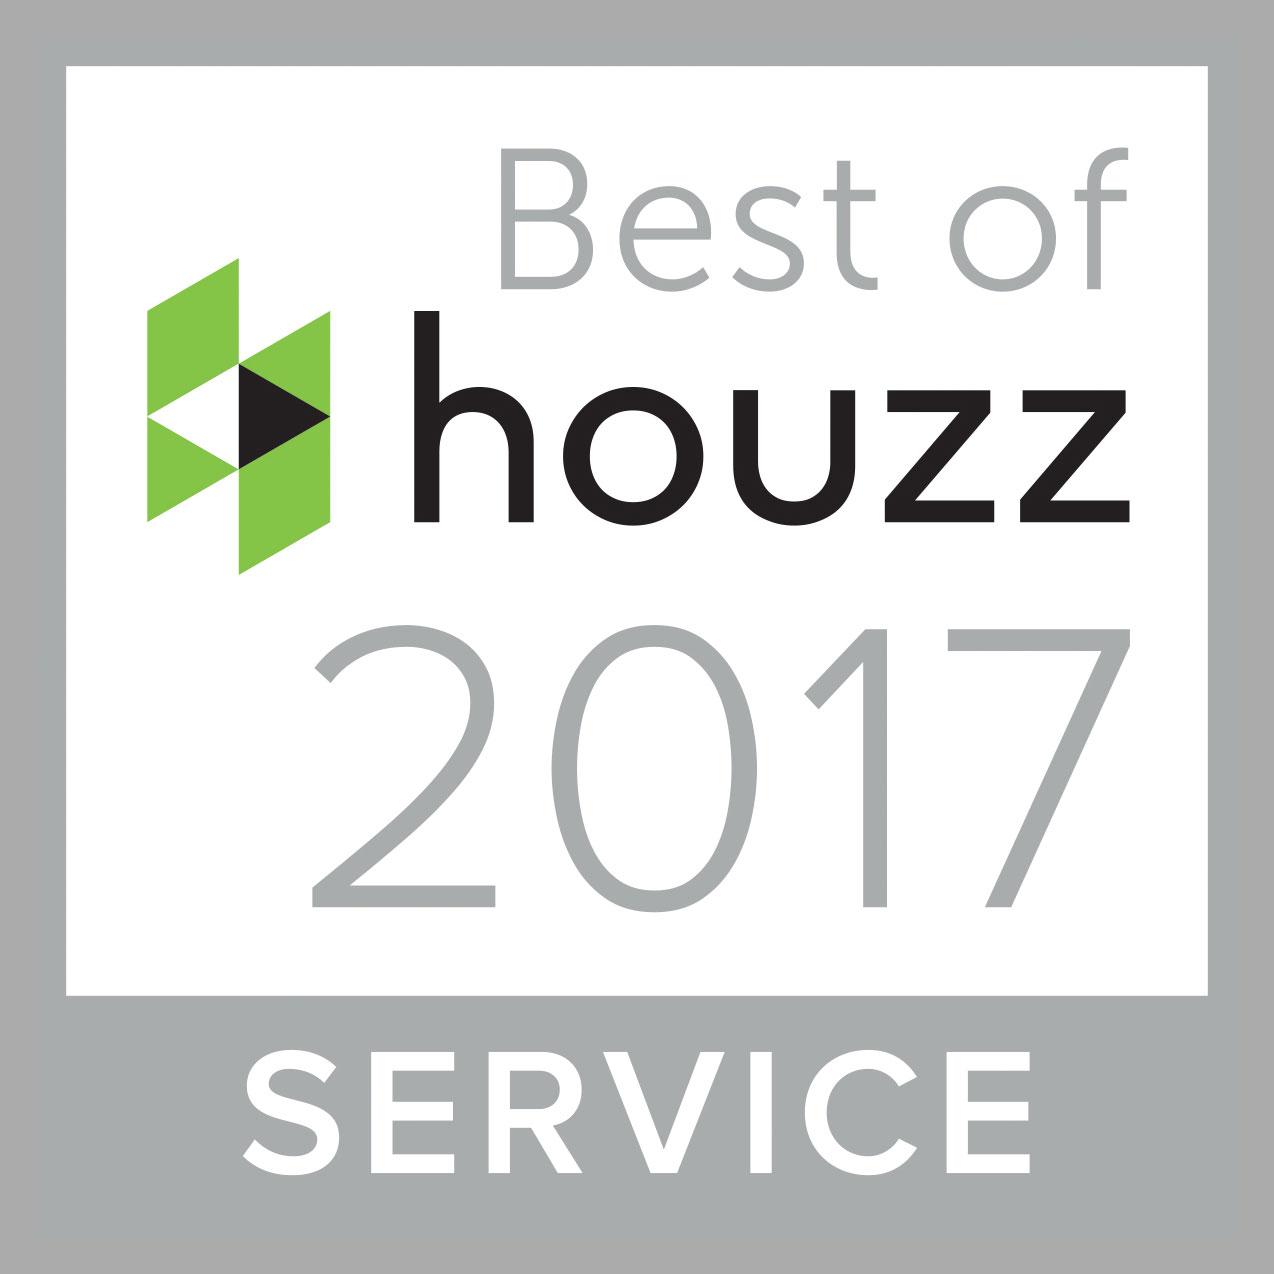 Best-of-houzz_Service_2017.jpg